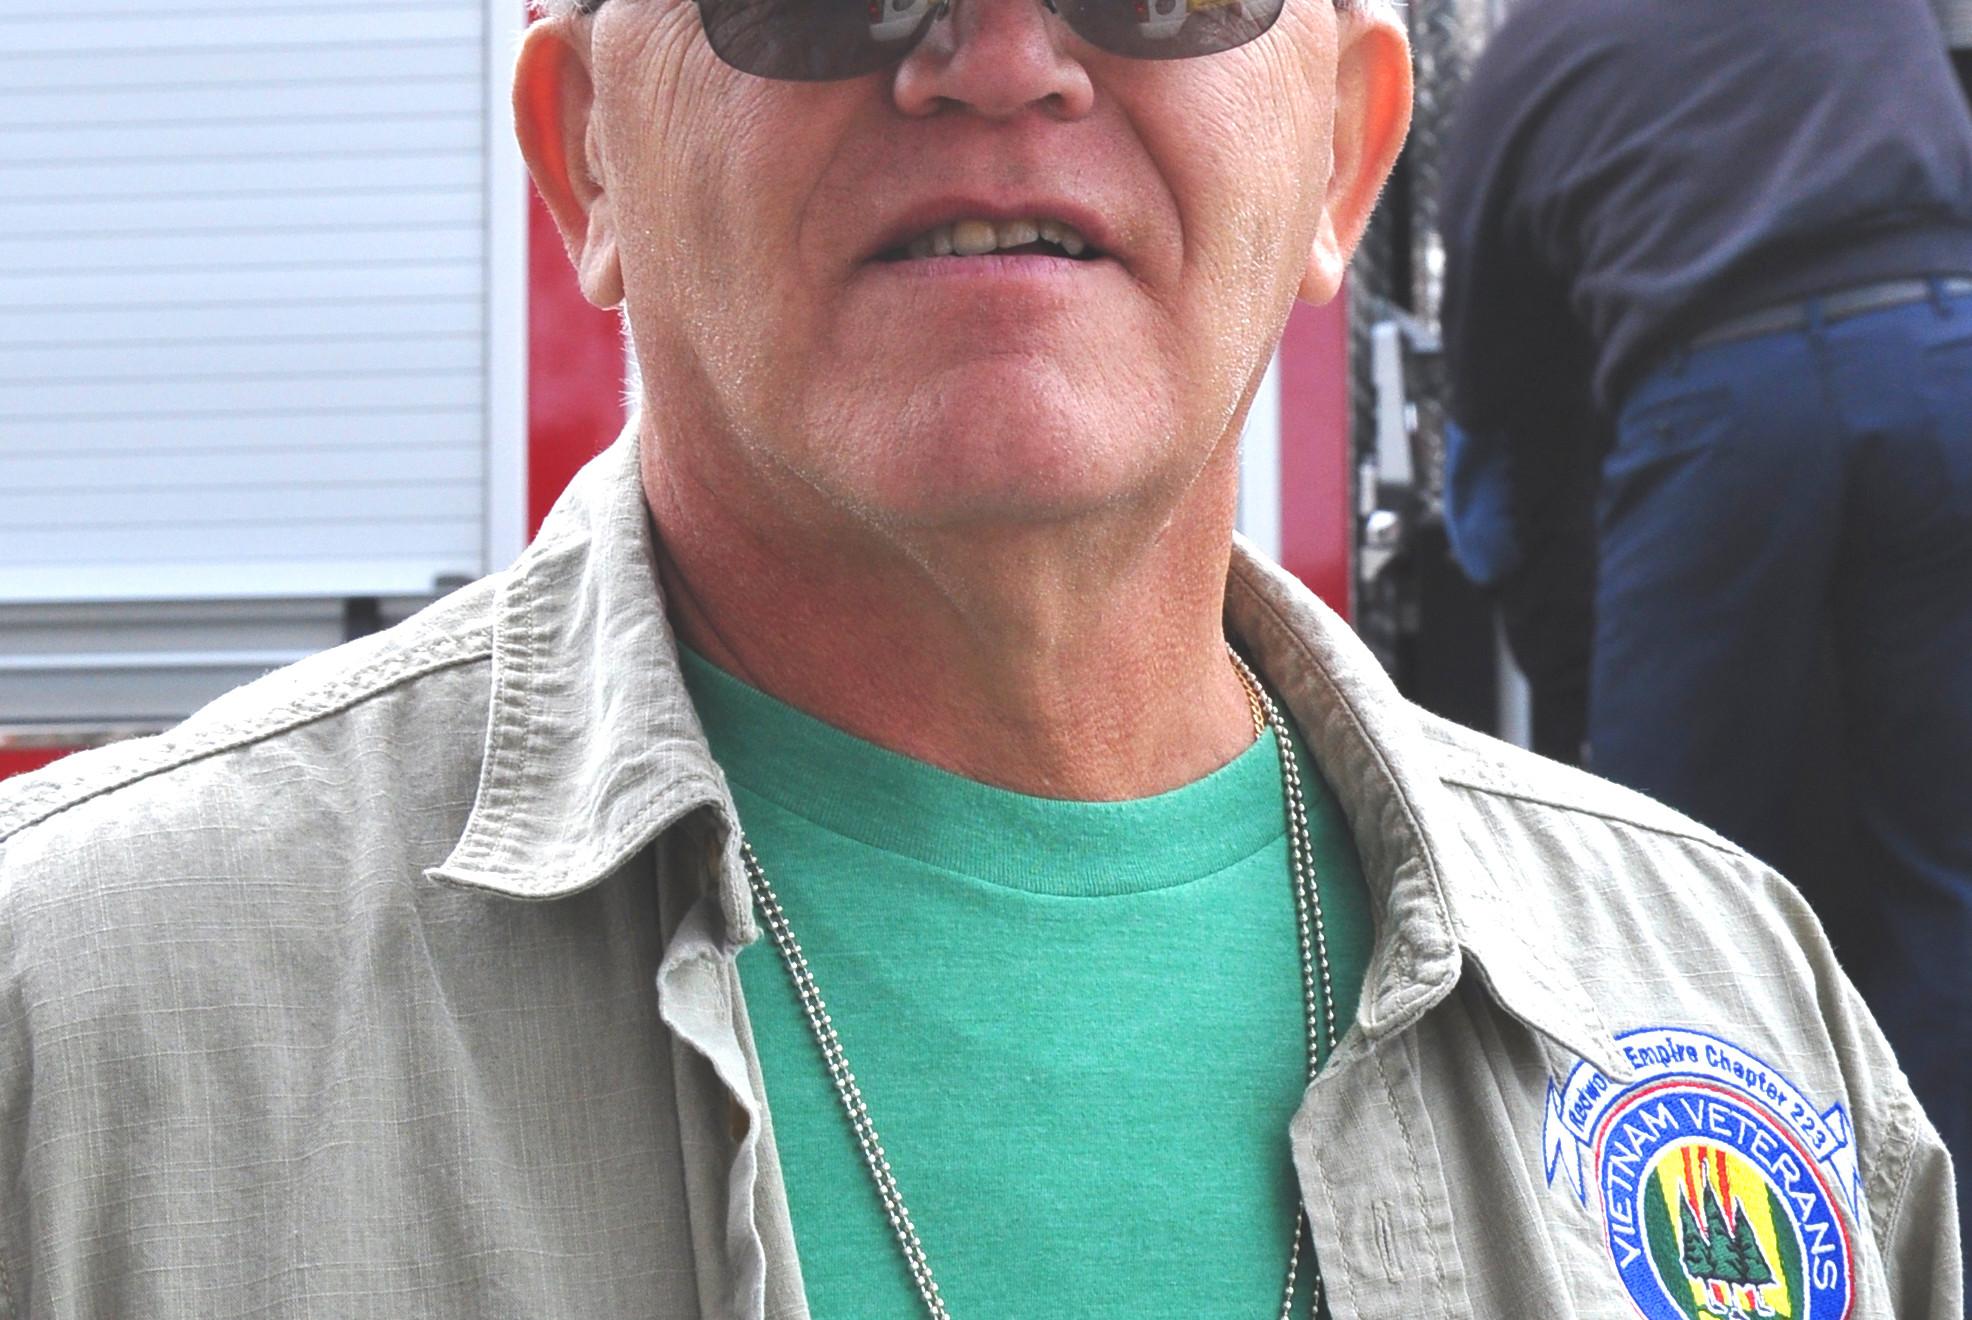 0md - 20131111 - Veterans Day - 0046